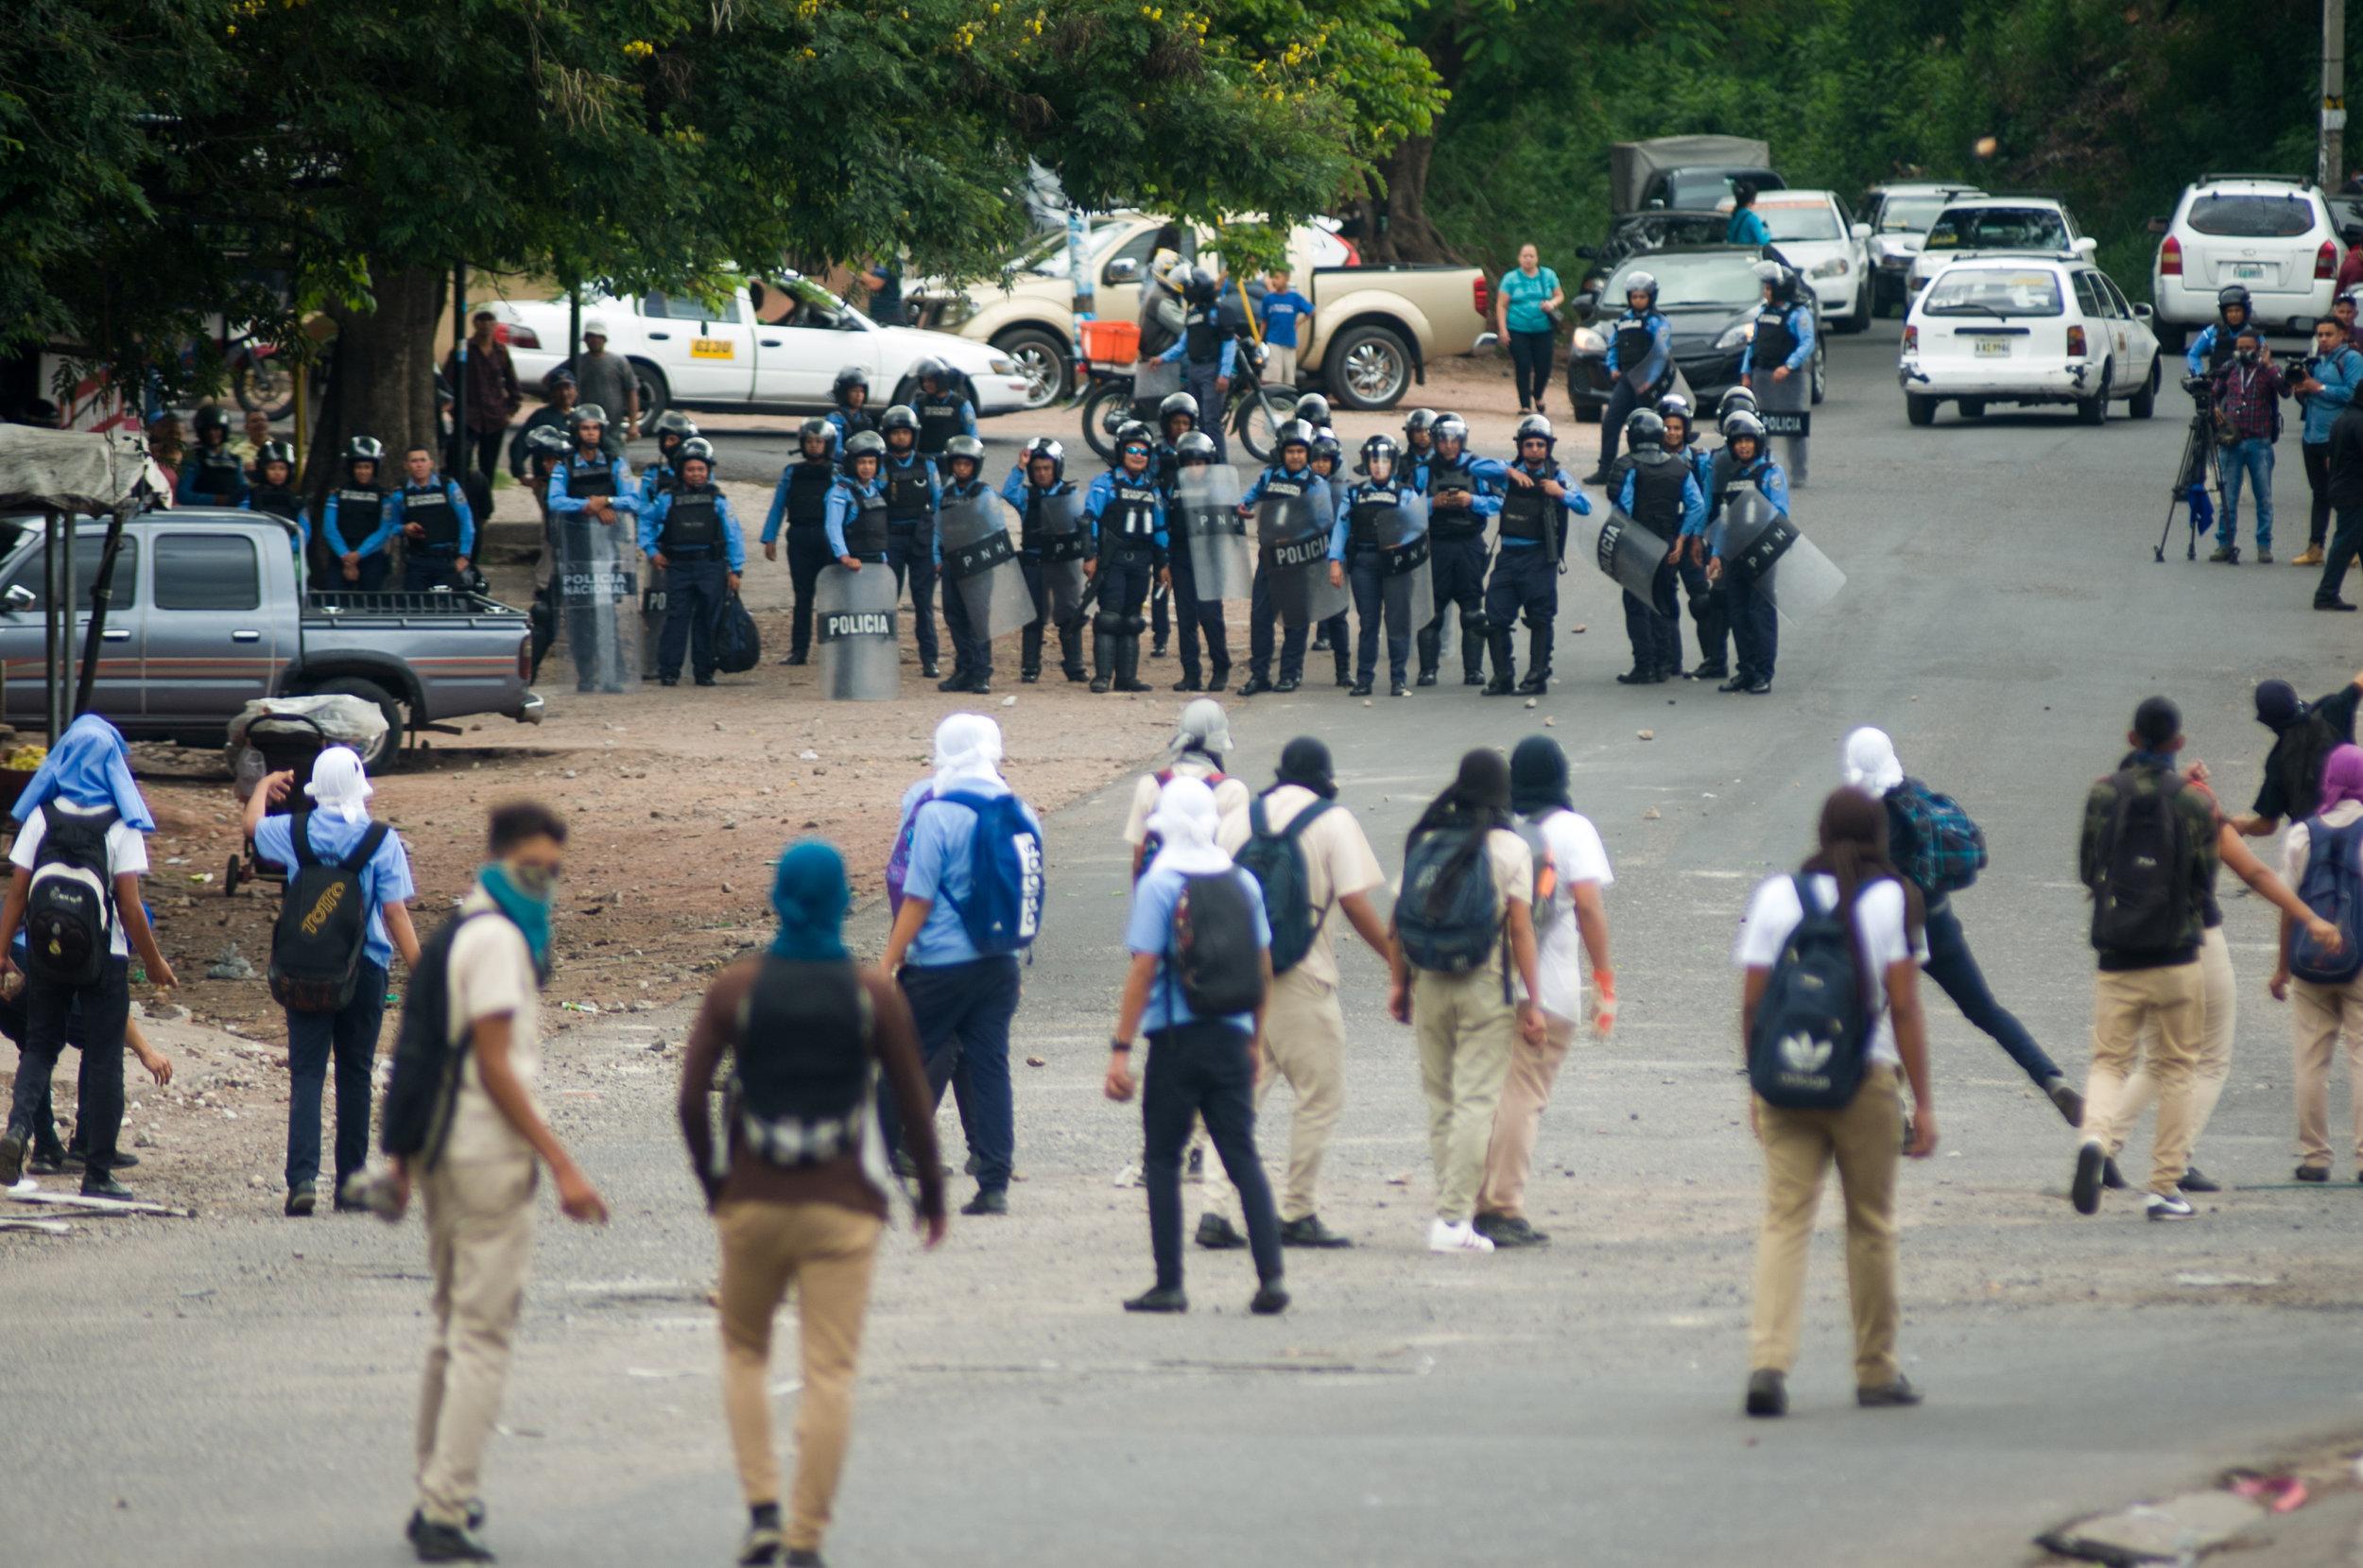 Estudiantes de secundaria se enfrentan a policías y militares. Foto: Camilo Freedman/La Crónica